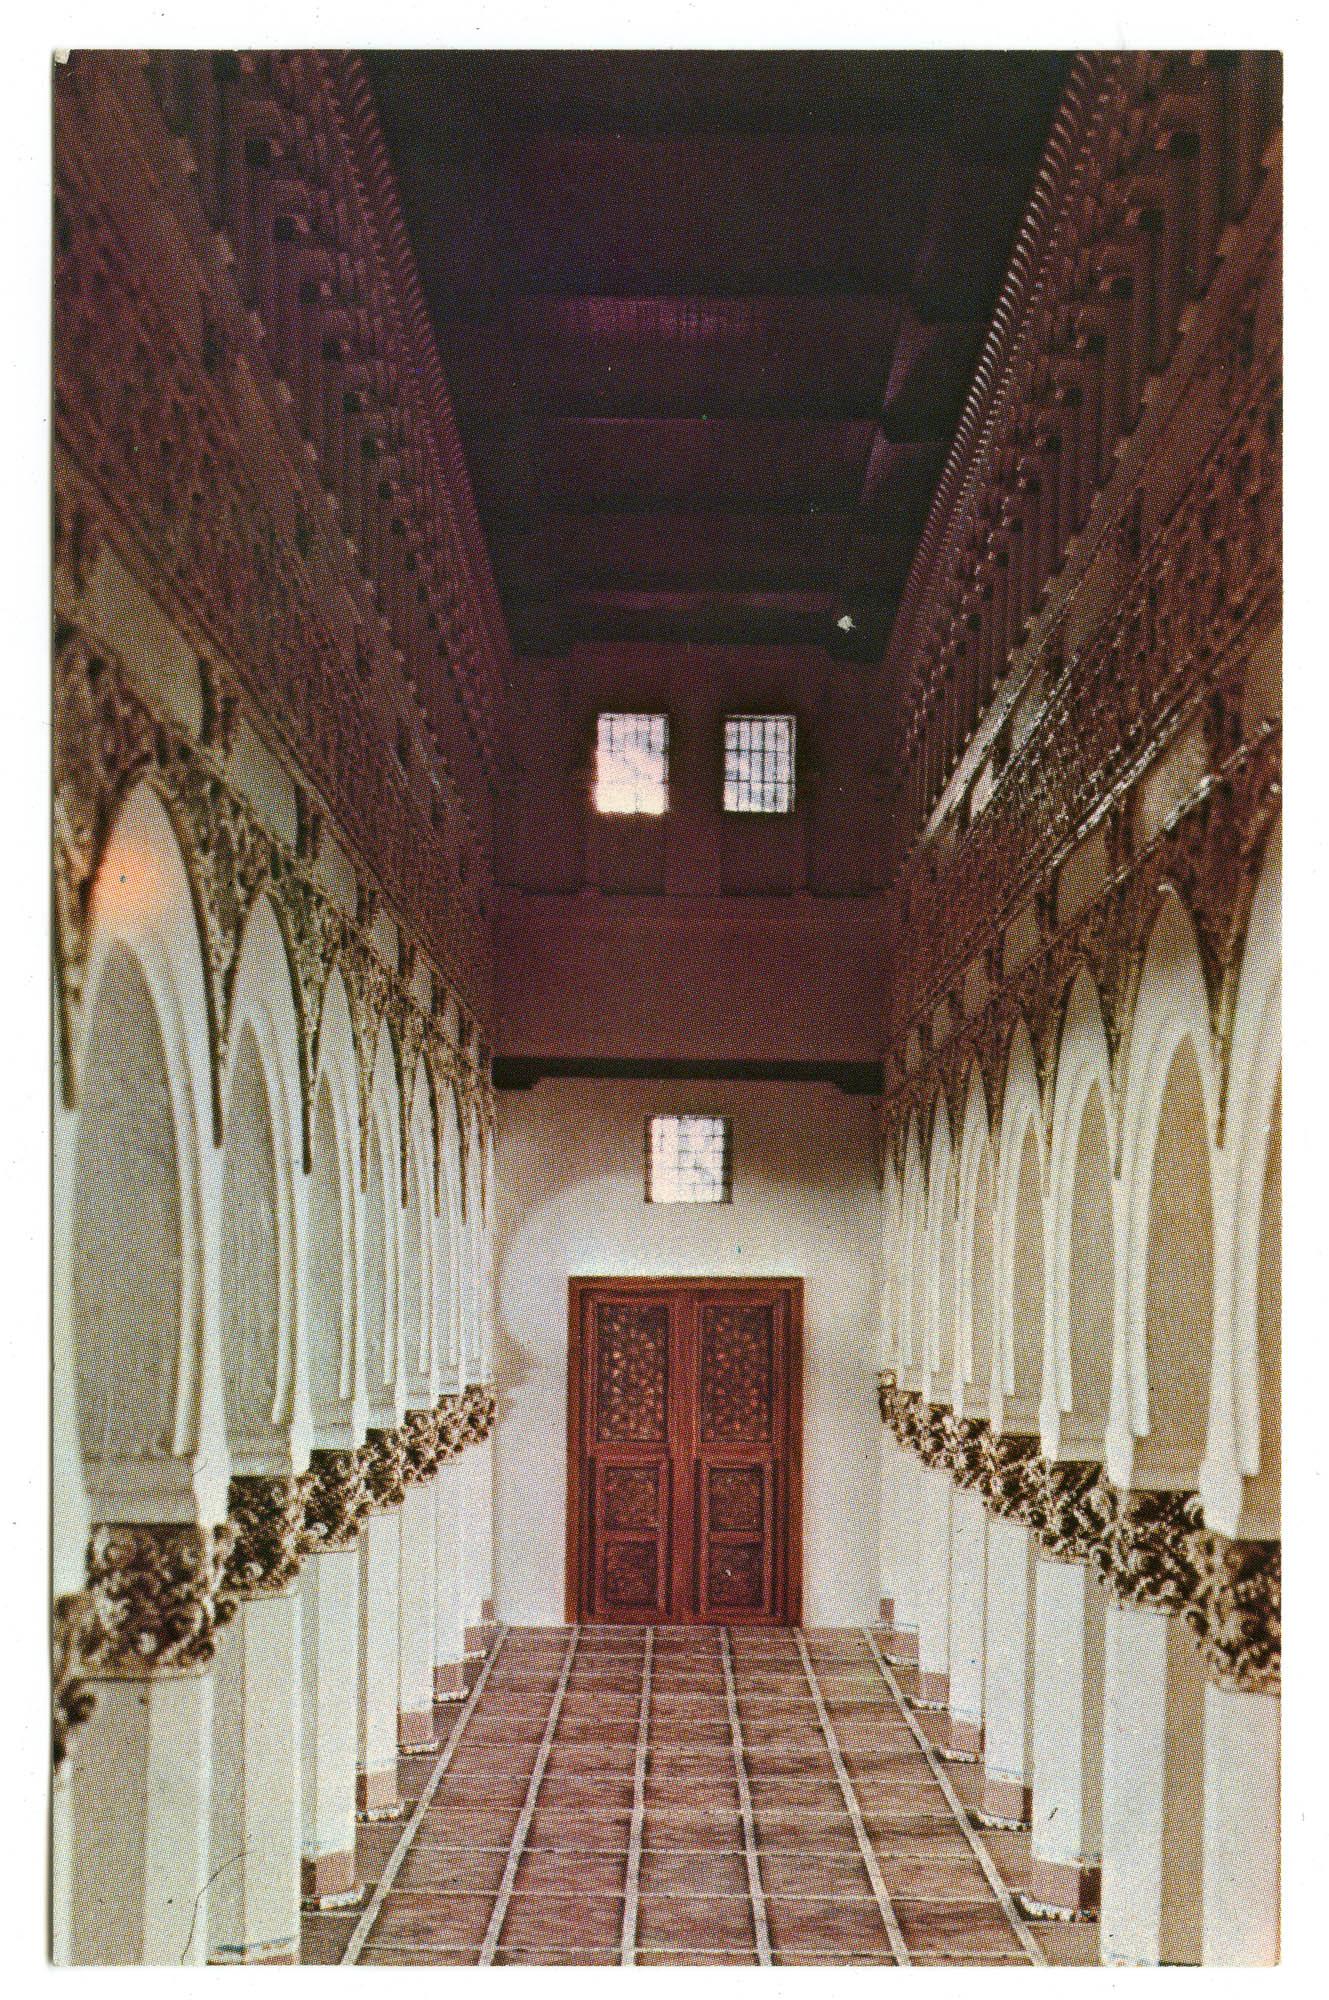 Toledo. Synagogue, La Blanca, ca. 1200